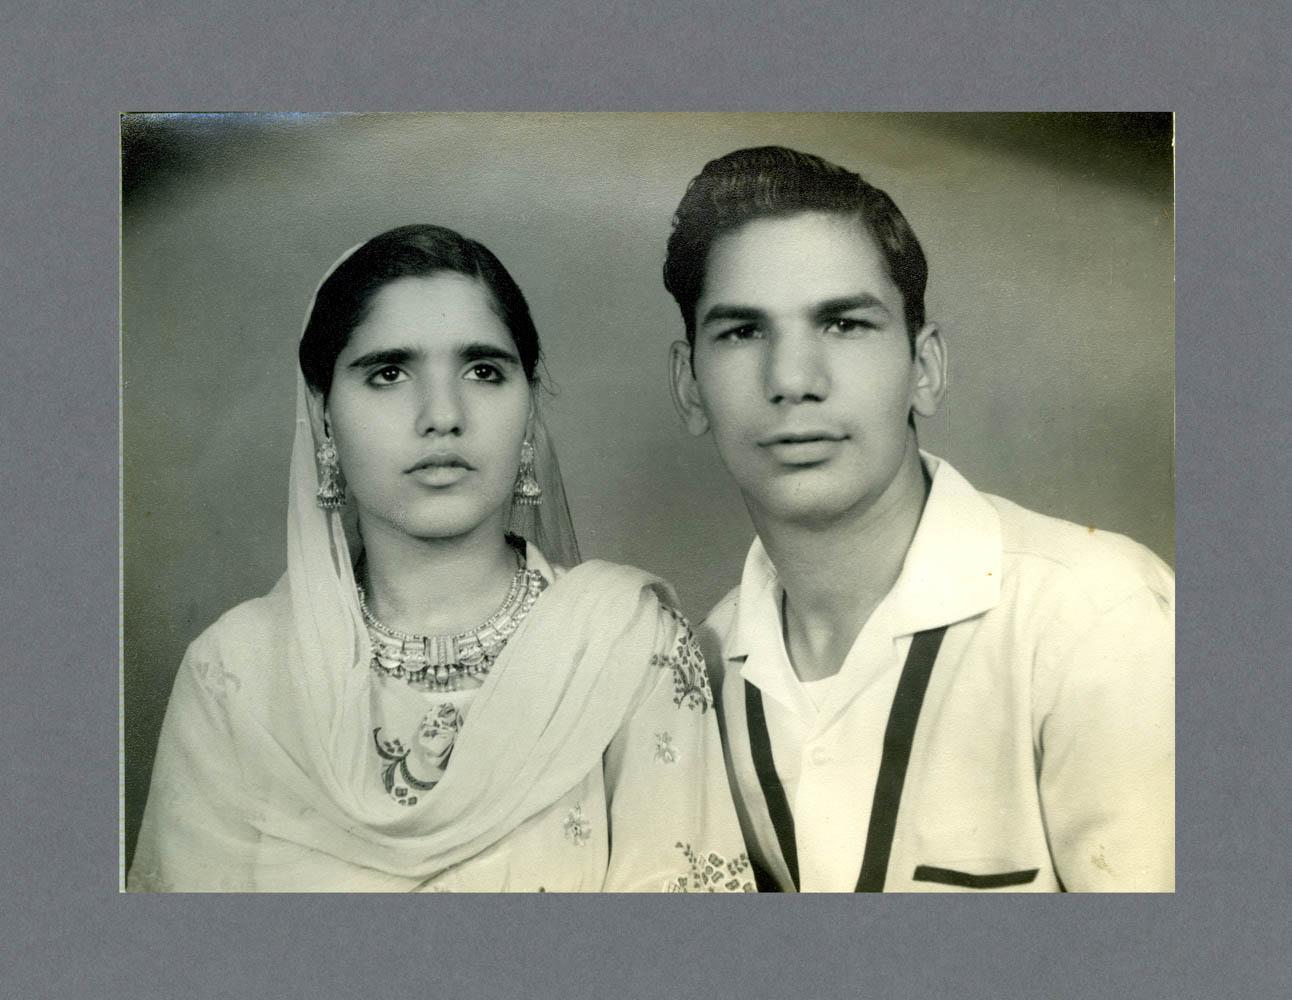 Sansarpur, Punjab c.1960